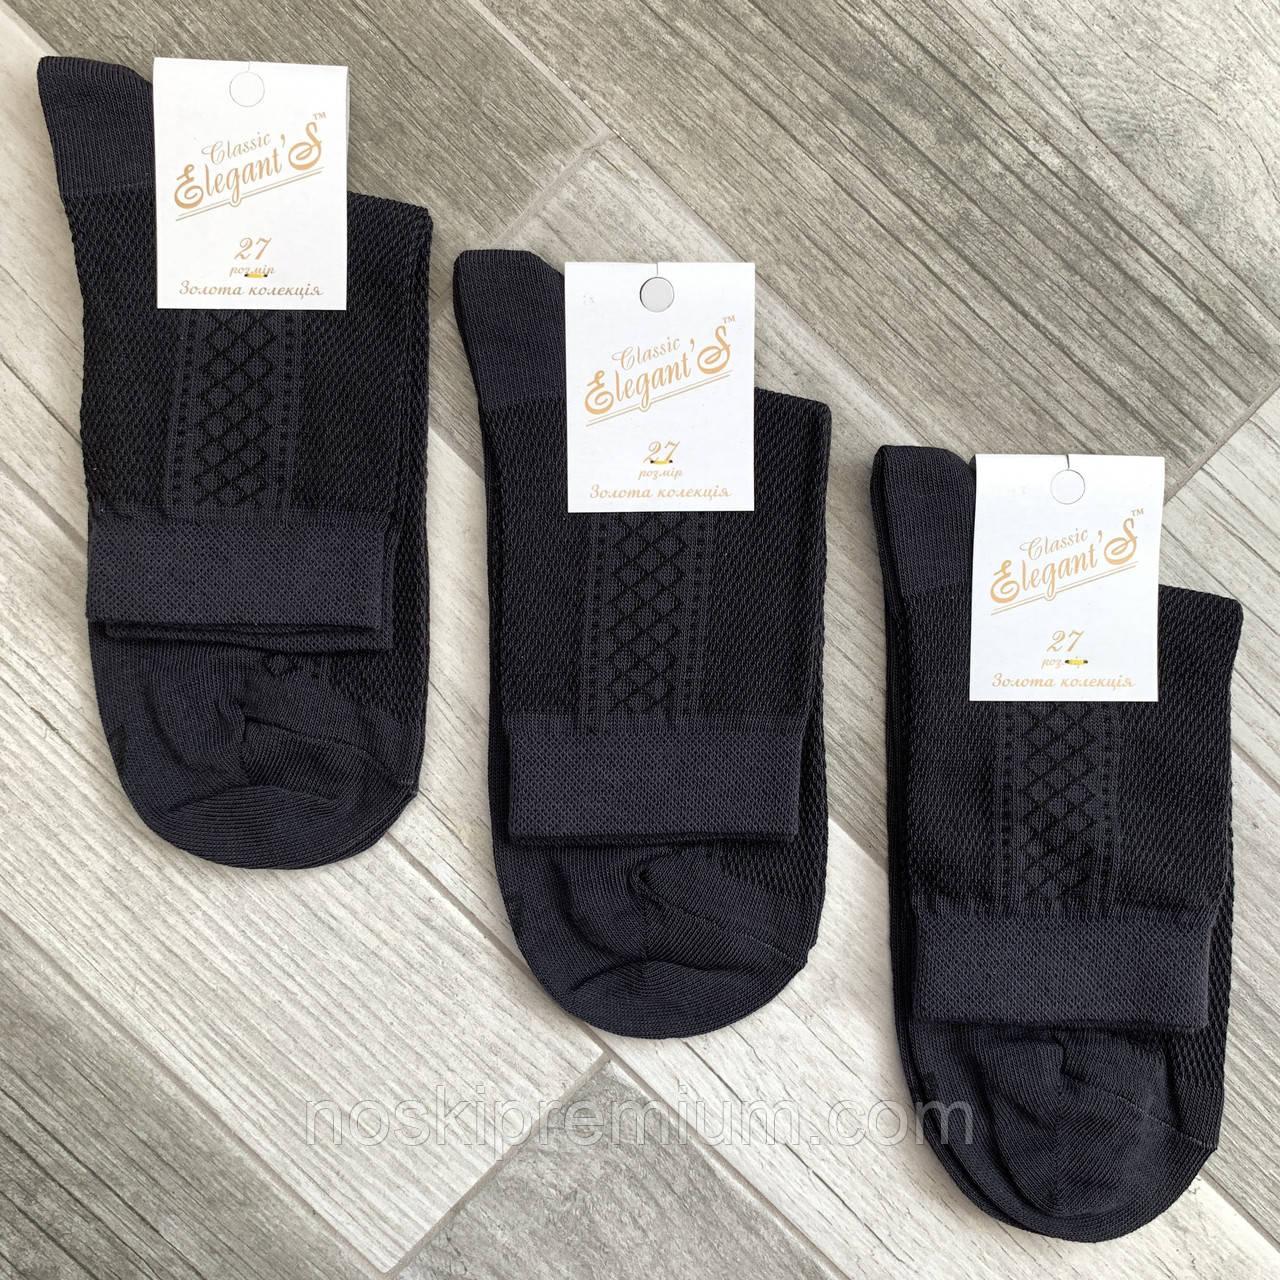 Шкарпетки чоловічі бавовна сітка Елегант - Elegant's Classic, 29 розмір, темно-сірі, 01631